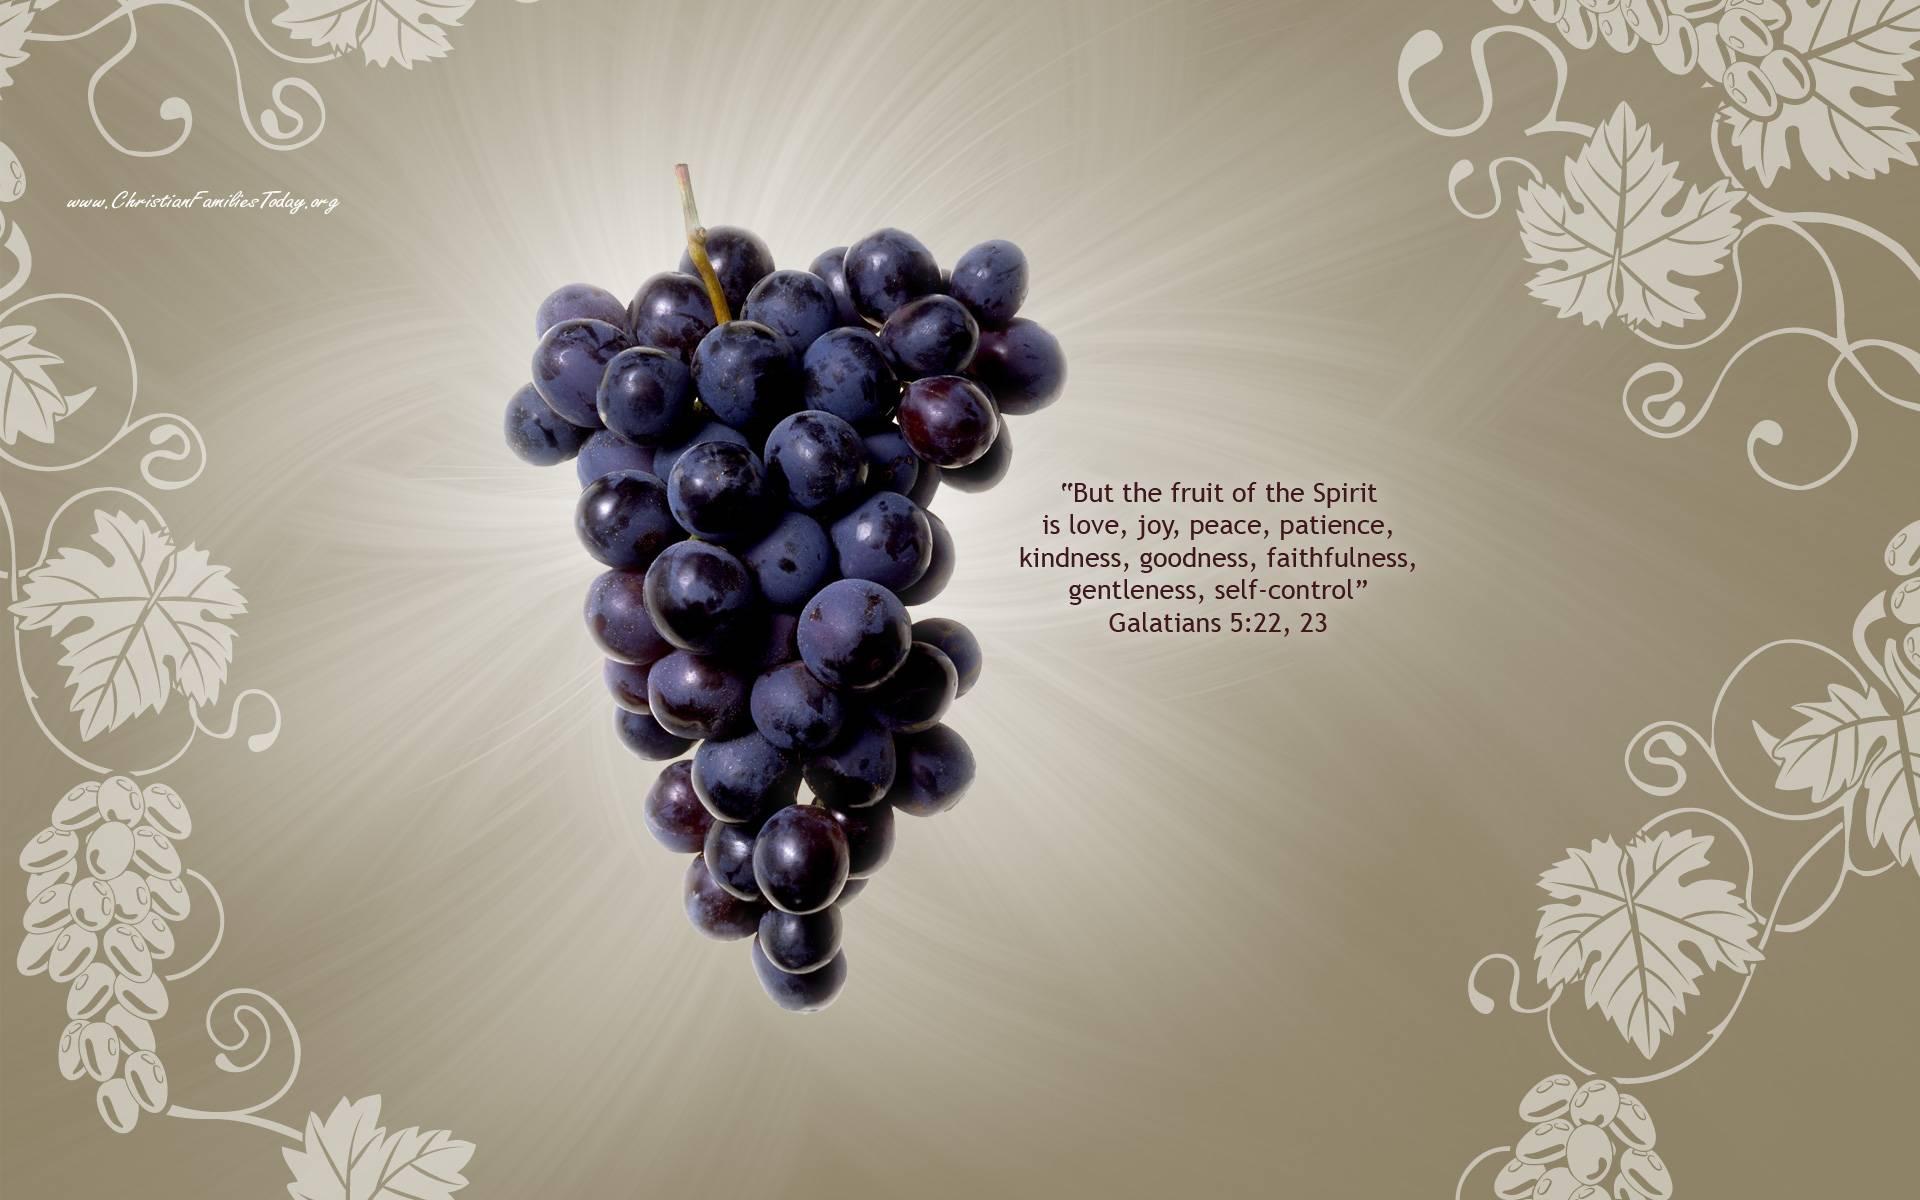 Galatians 522 23